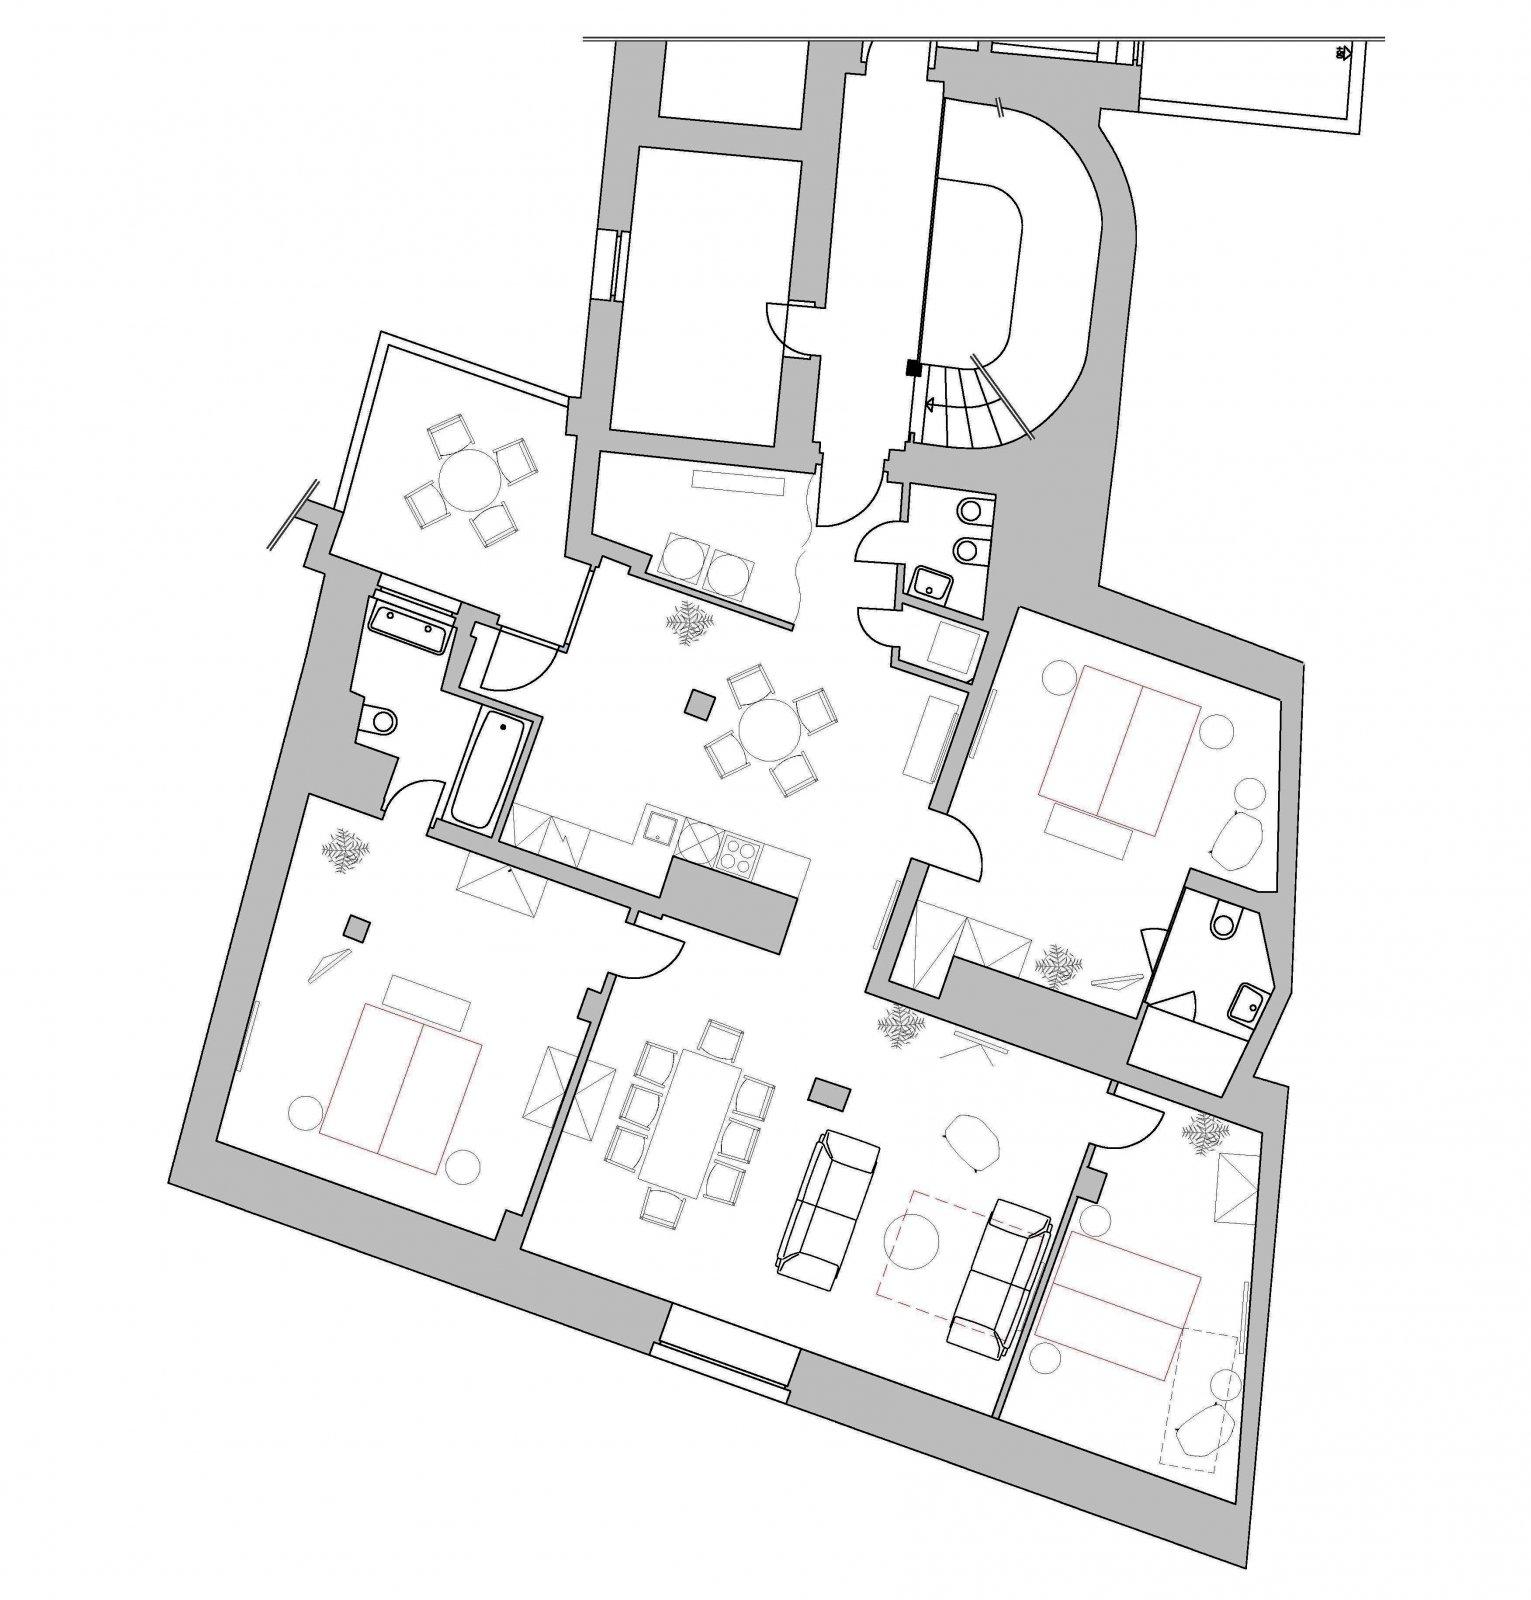 Půdorys - Půdní byt 4+kk, plocha 159 m², ulice Ve Smečkách, Praha 1 - Nové Město